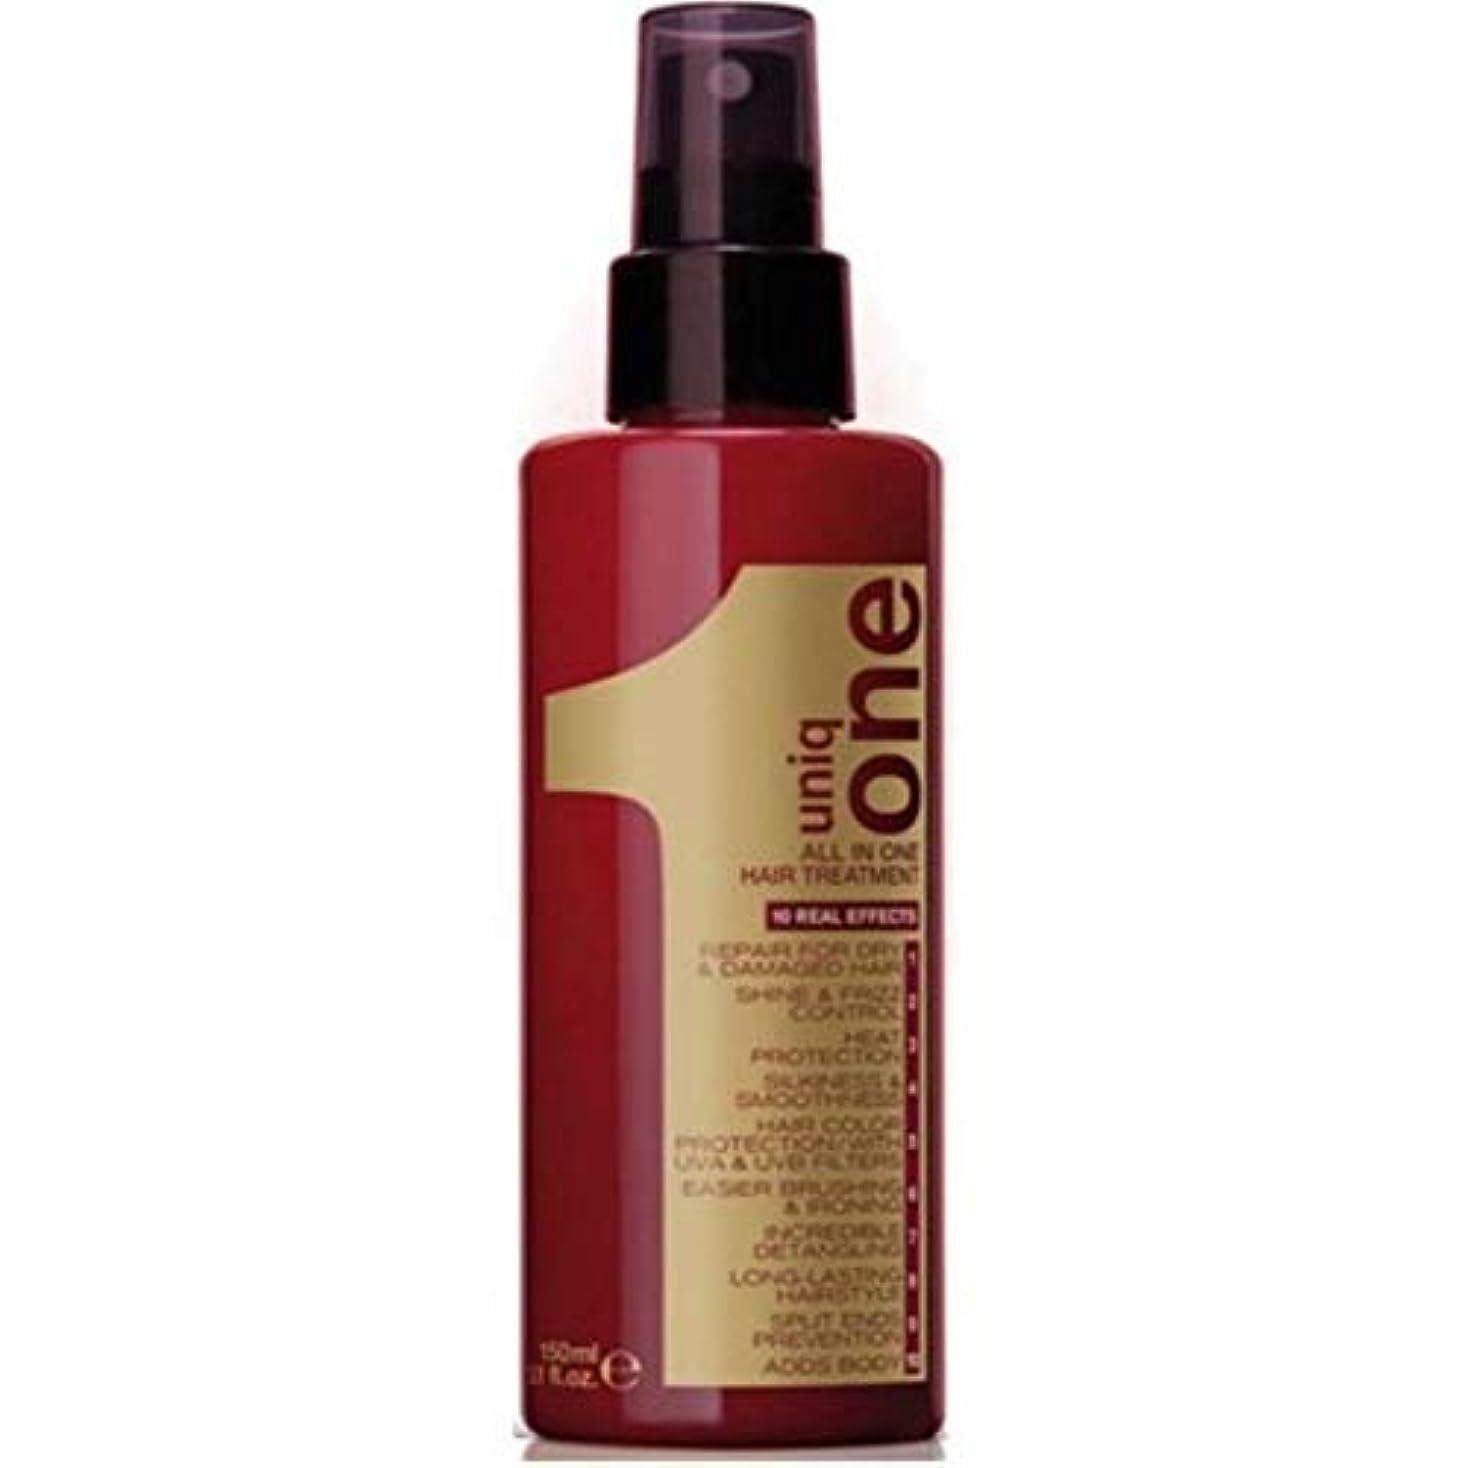 ボート前述ののぞき見Uniq One Revlon All In One Hair Treatment 5.1Oz. - New Original by Uniq One by Uniq One